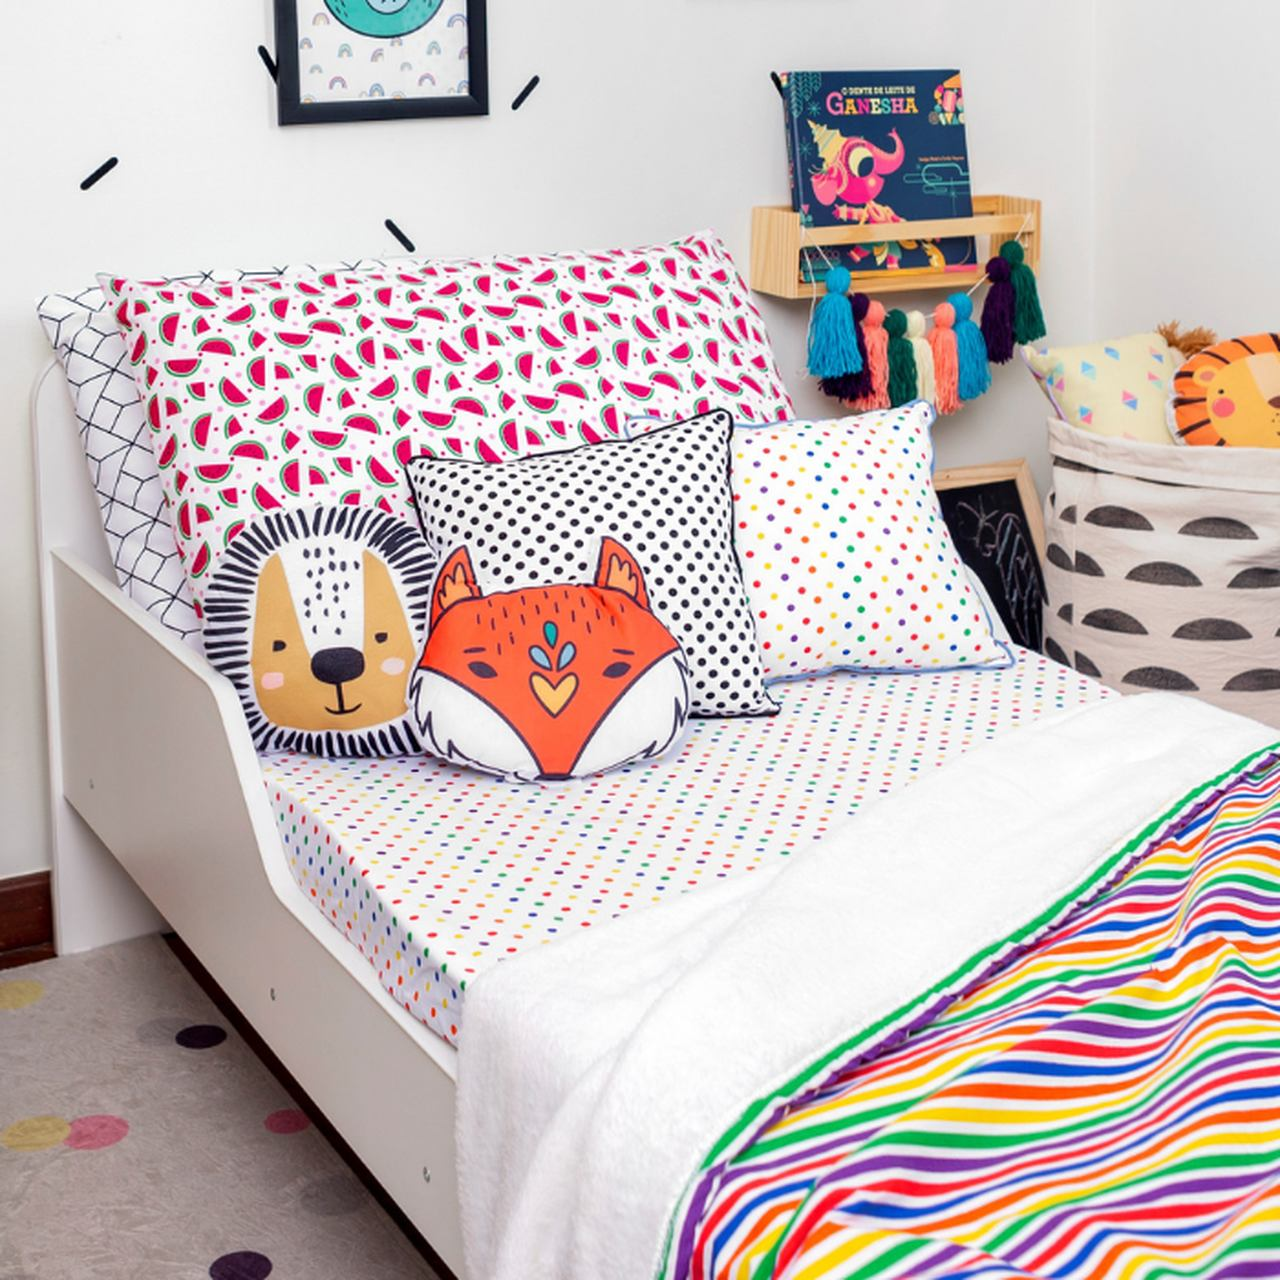 Lençol com elástico mini cama 70 x 150 cm  Confete color  - Pomelo Decor